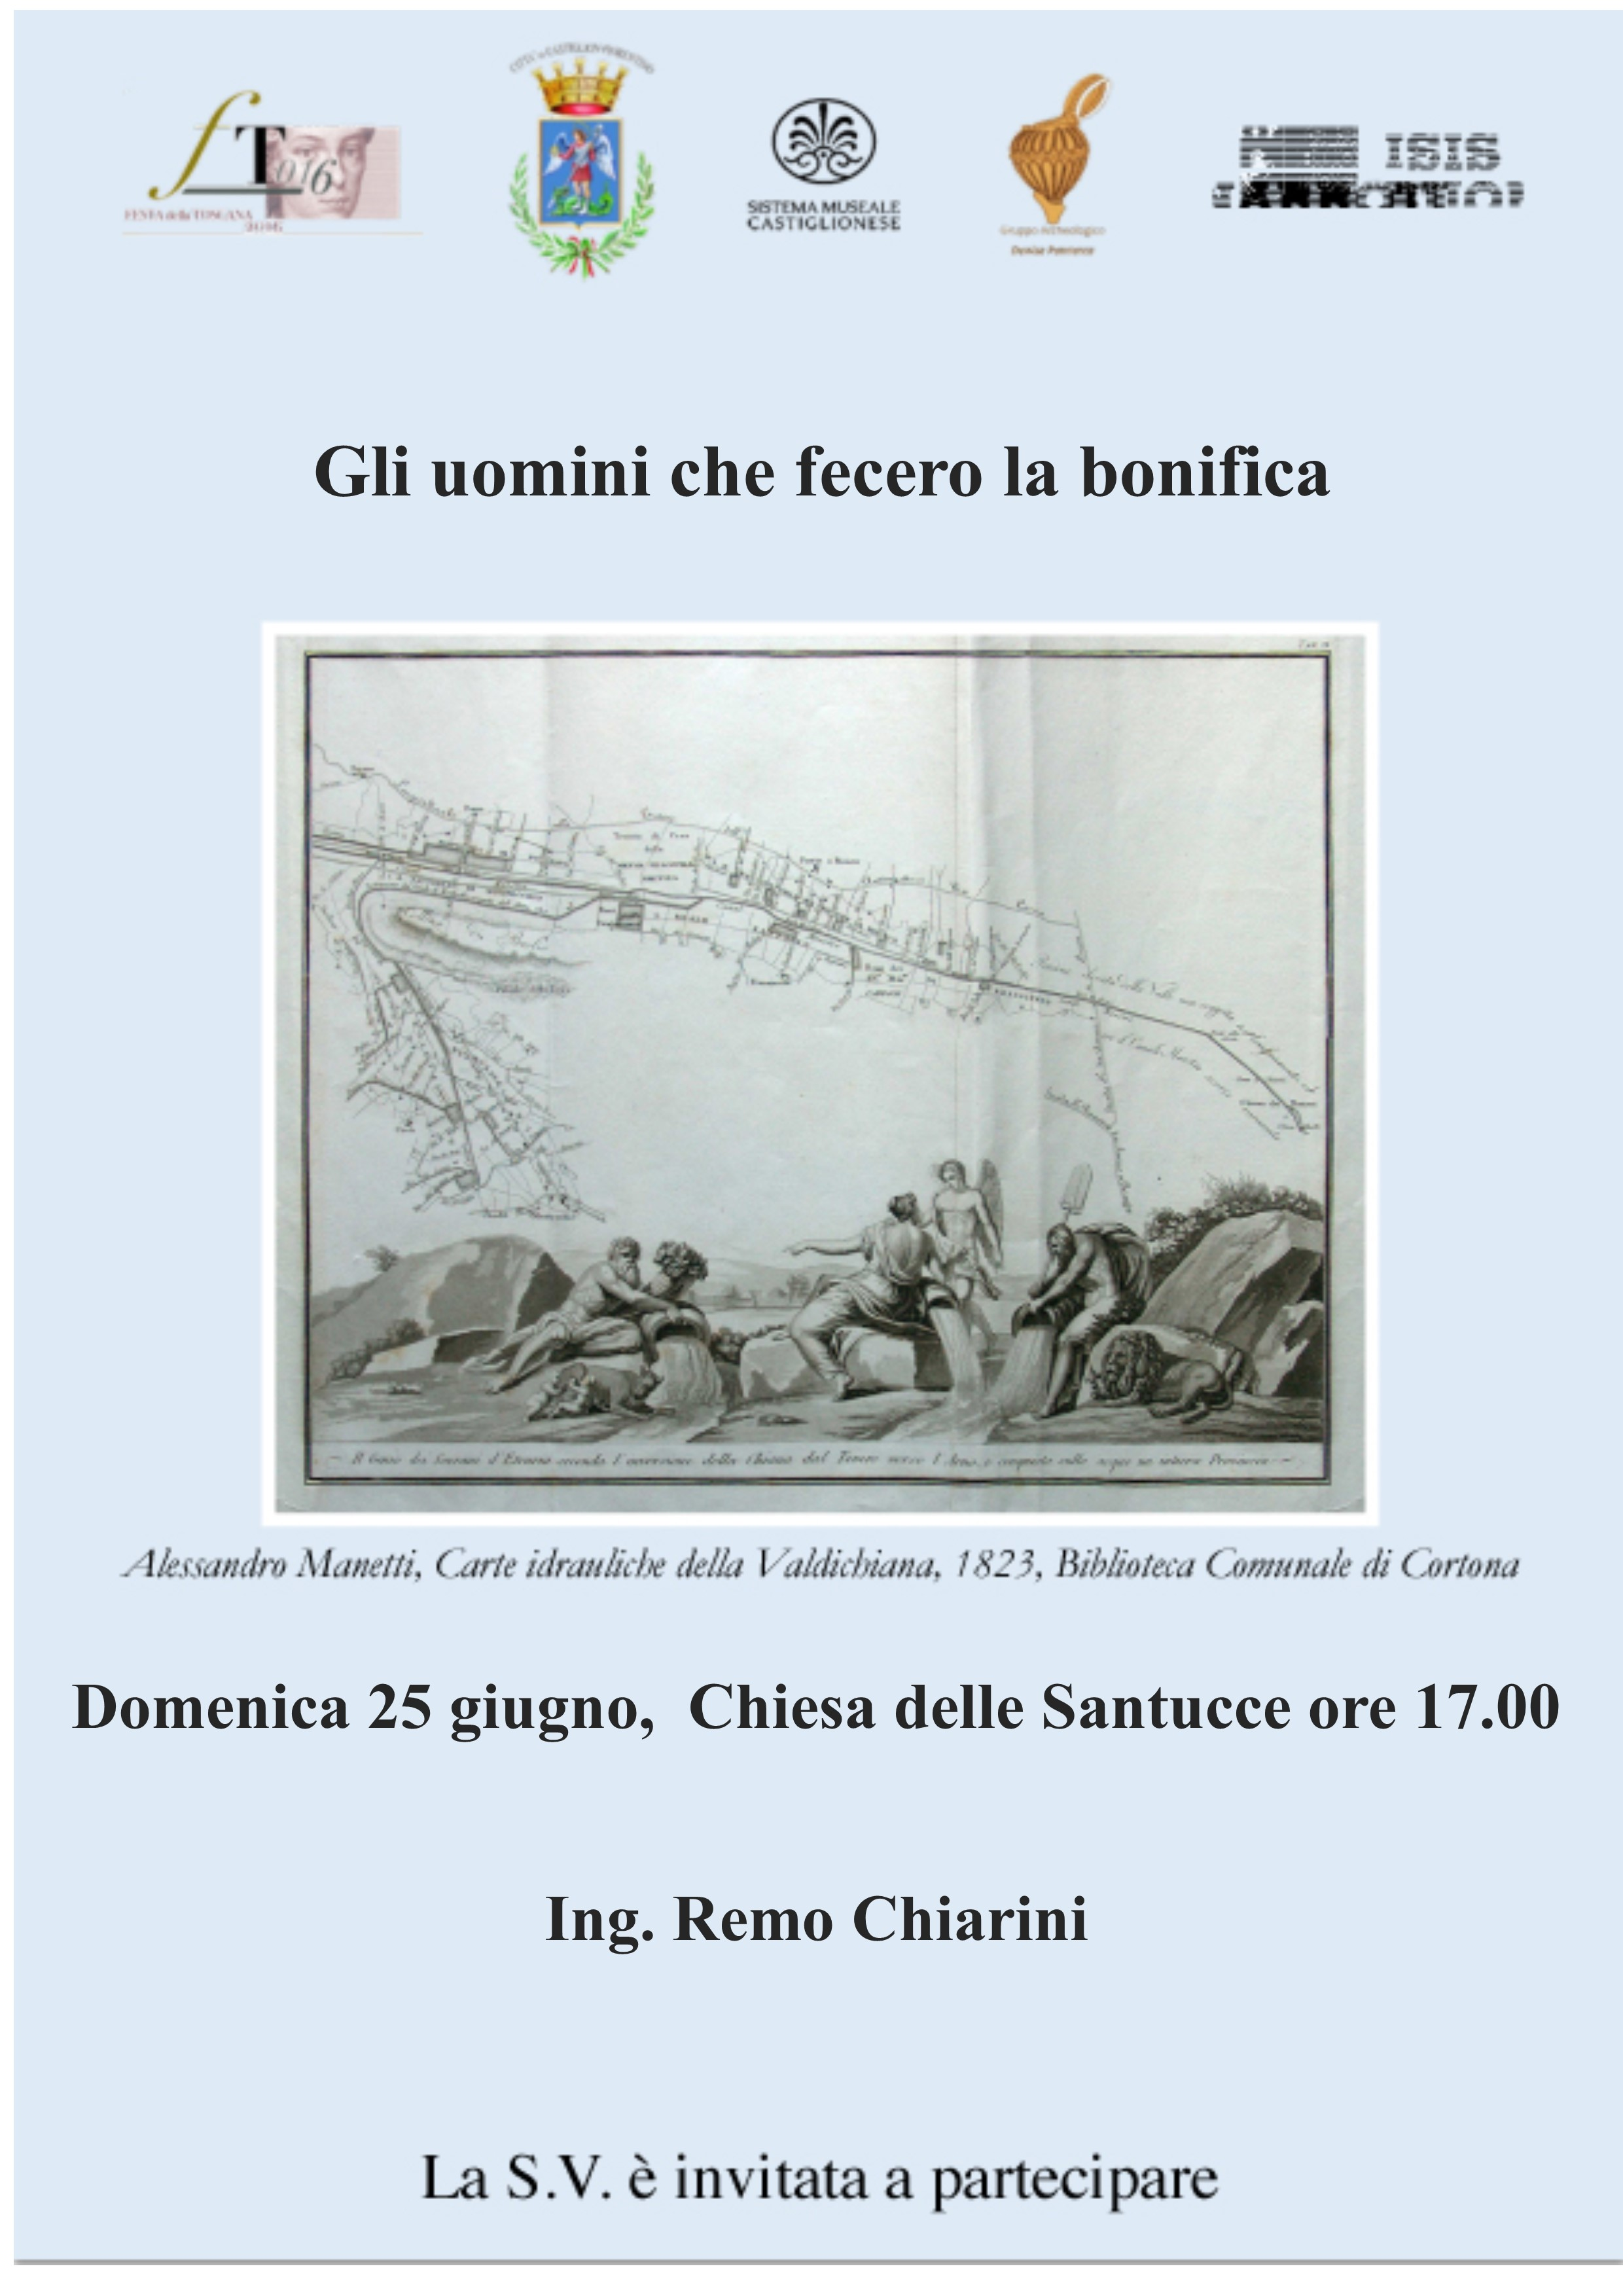 'Gli uomini che fecero la bonifica', conferenza di Remo Chiarini